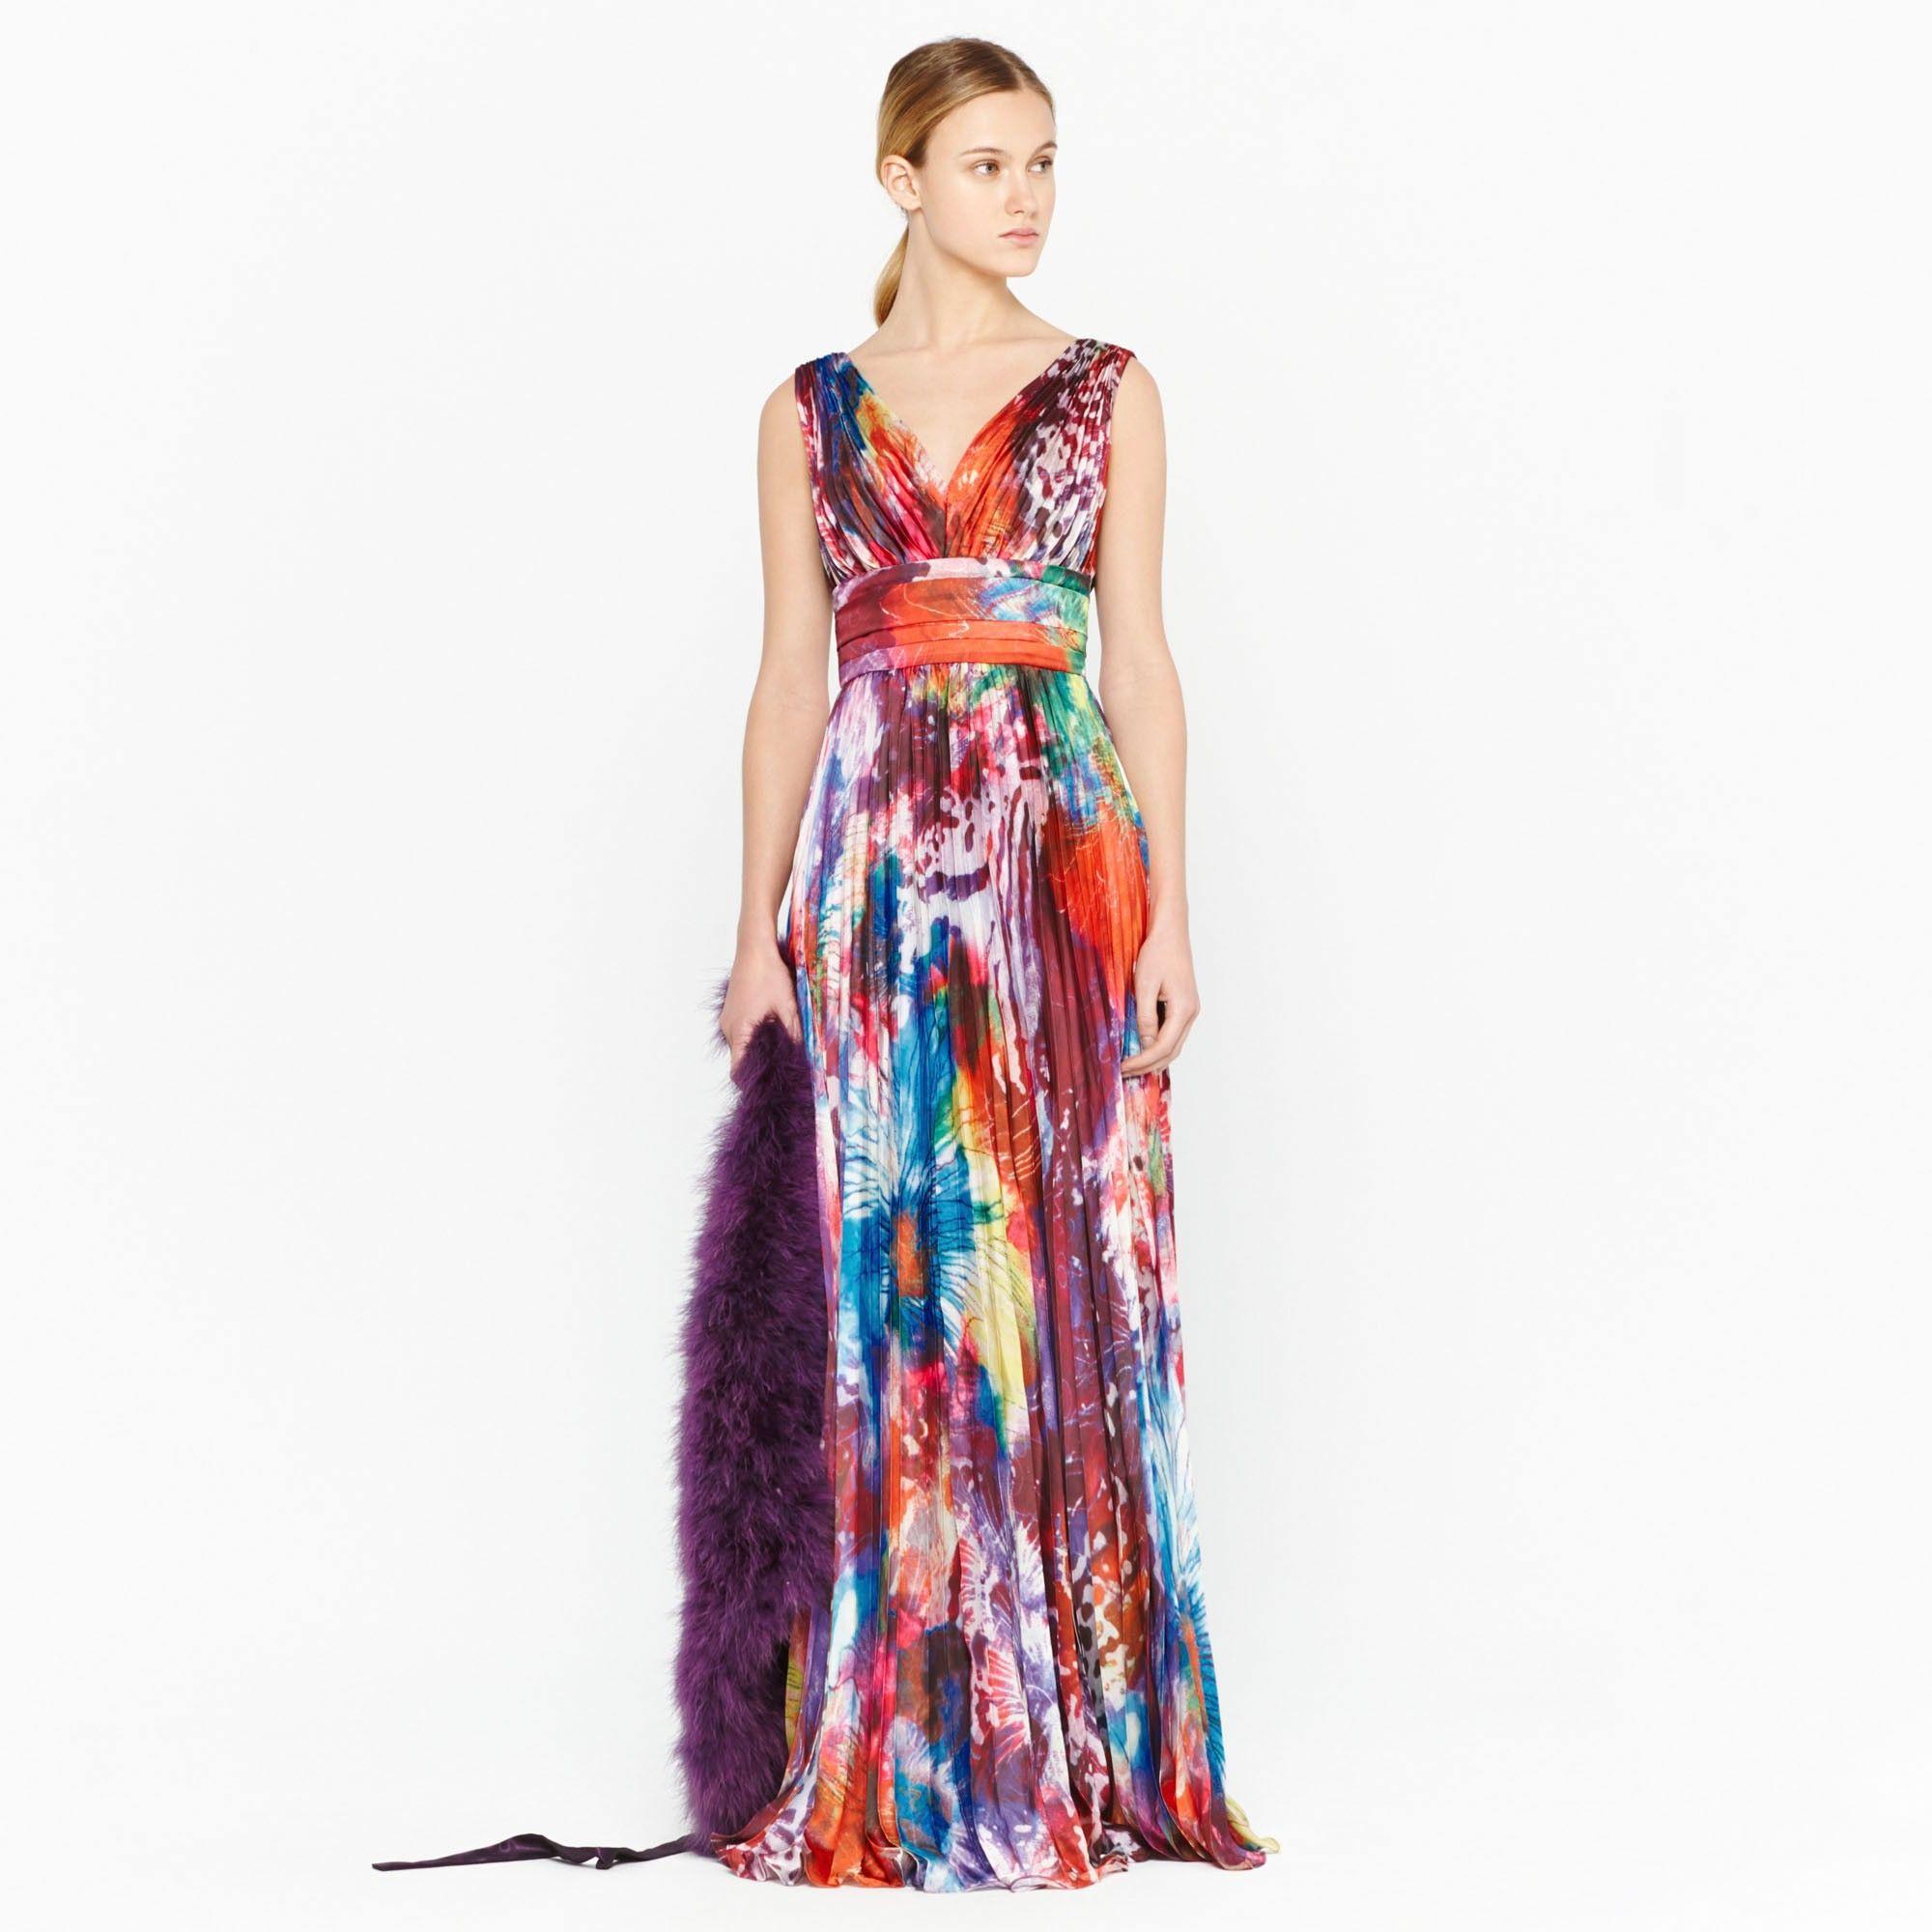 Vestido de c ctel p rpura escote v p rpura ad mujer for Vestidos adolfo dominguez outlet online